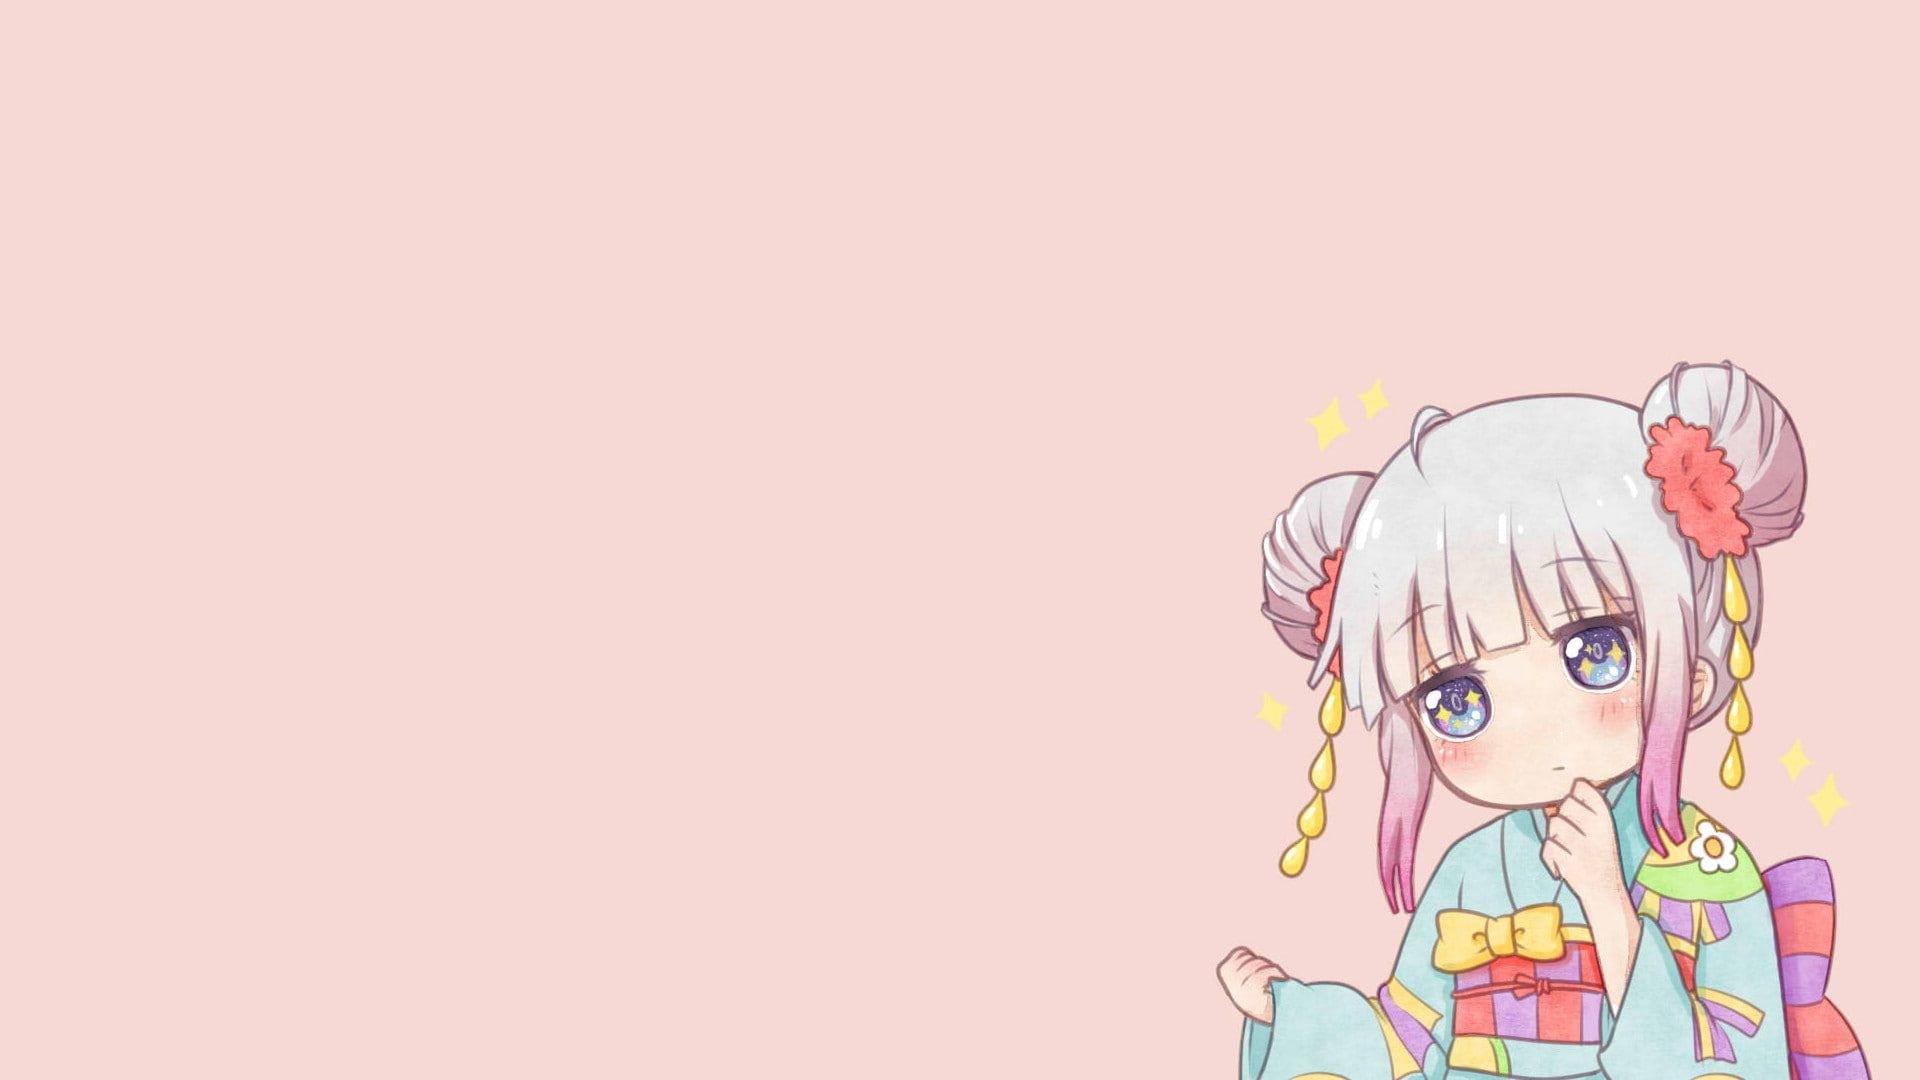 Kawaii hd desktop wallpaper